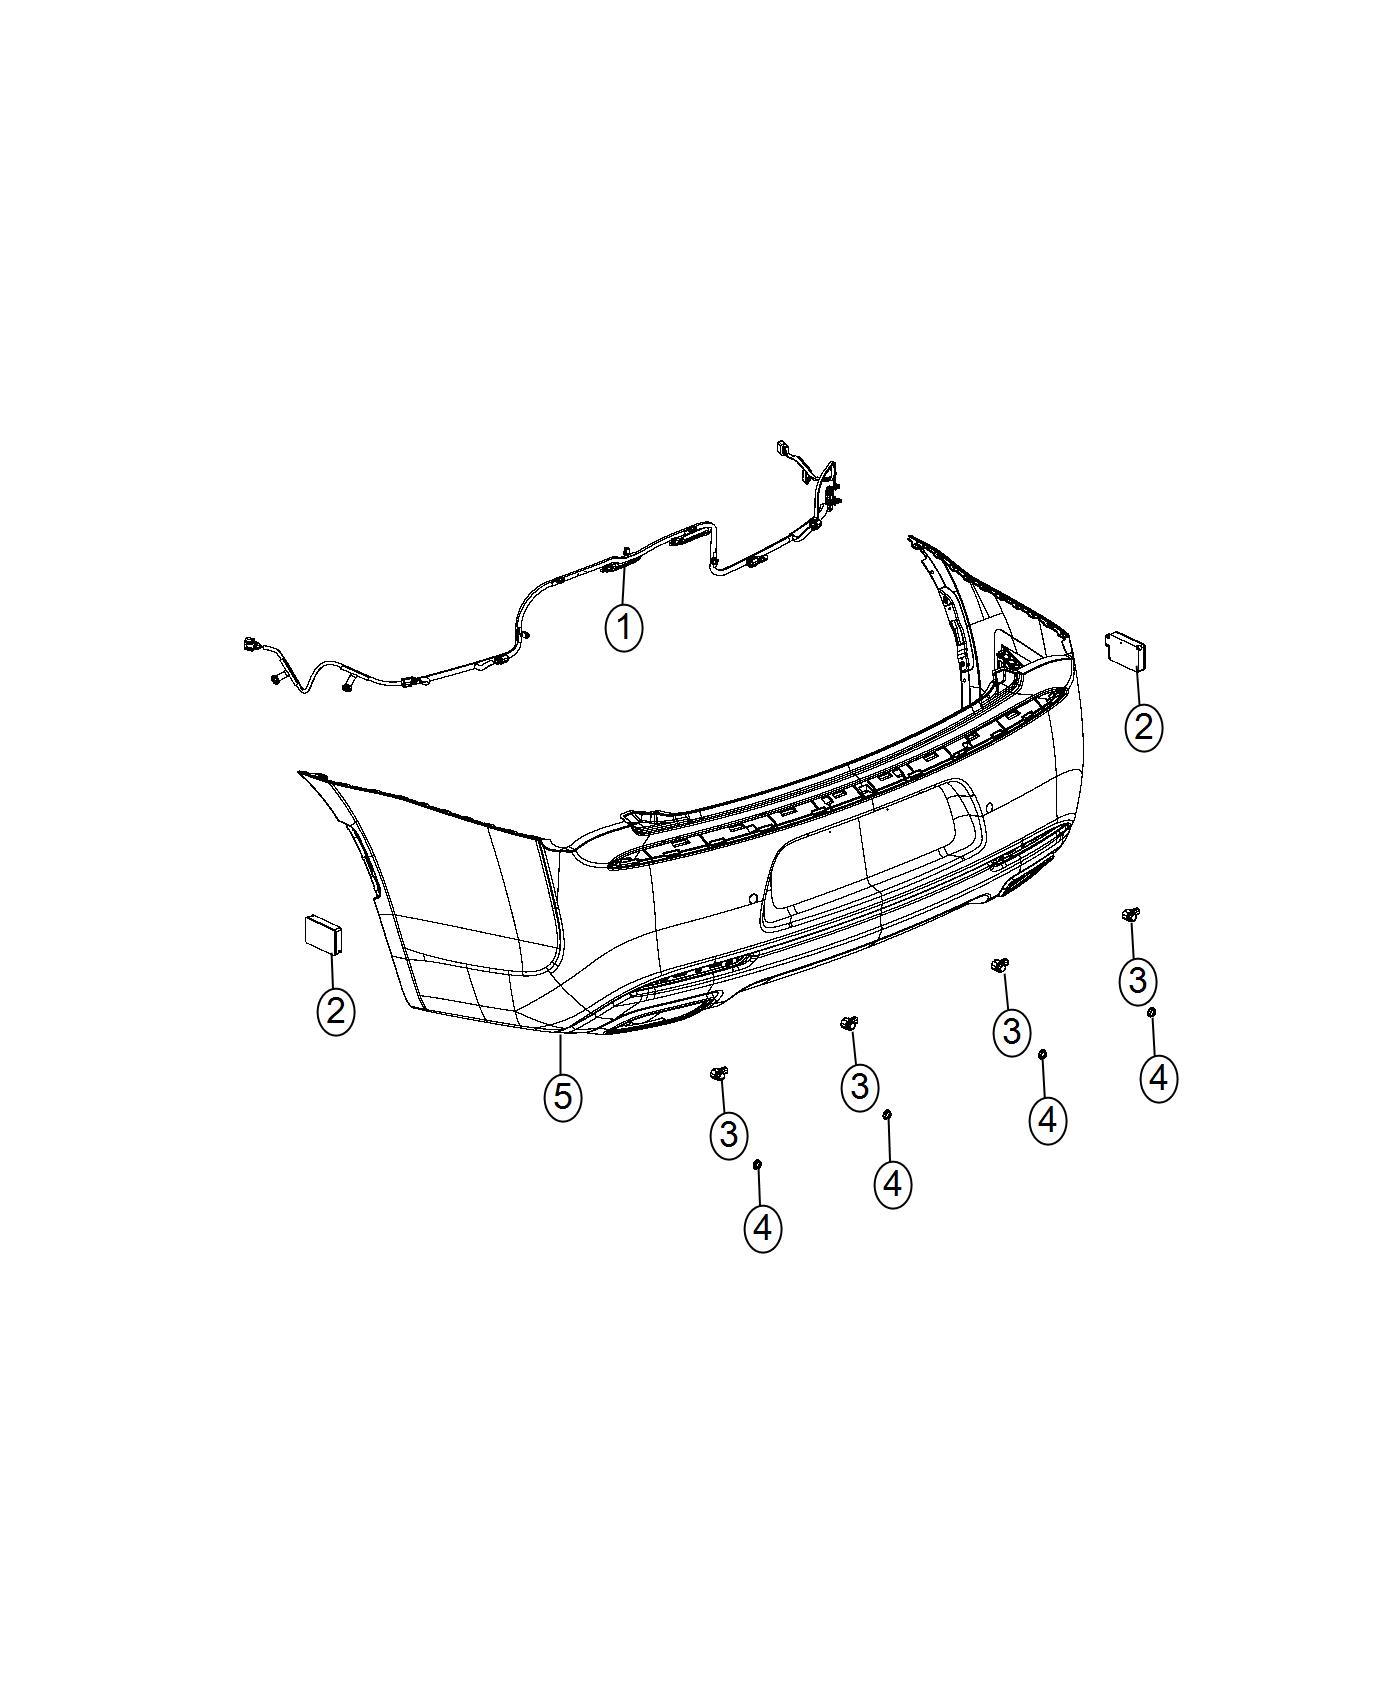 Chrysler 300 Module  Parking Assist   Parksense Ft  Rr Park